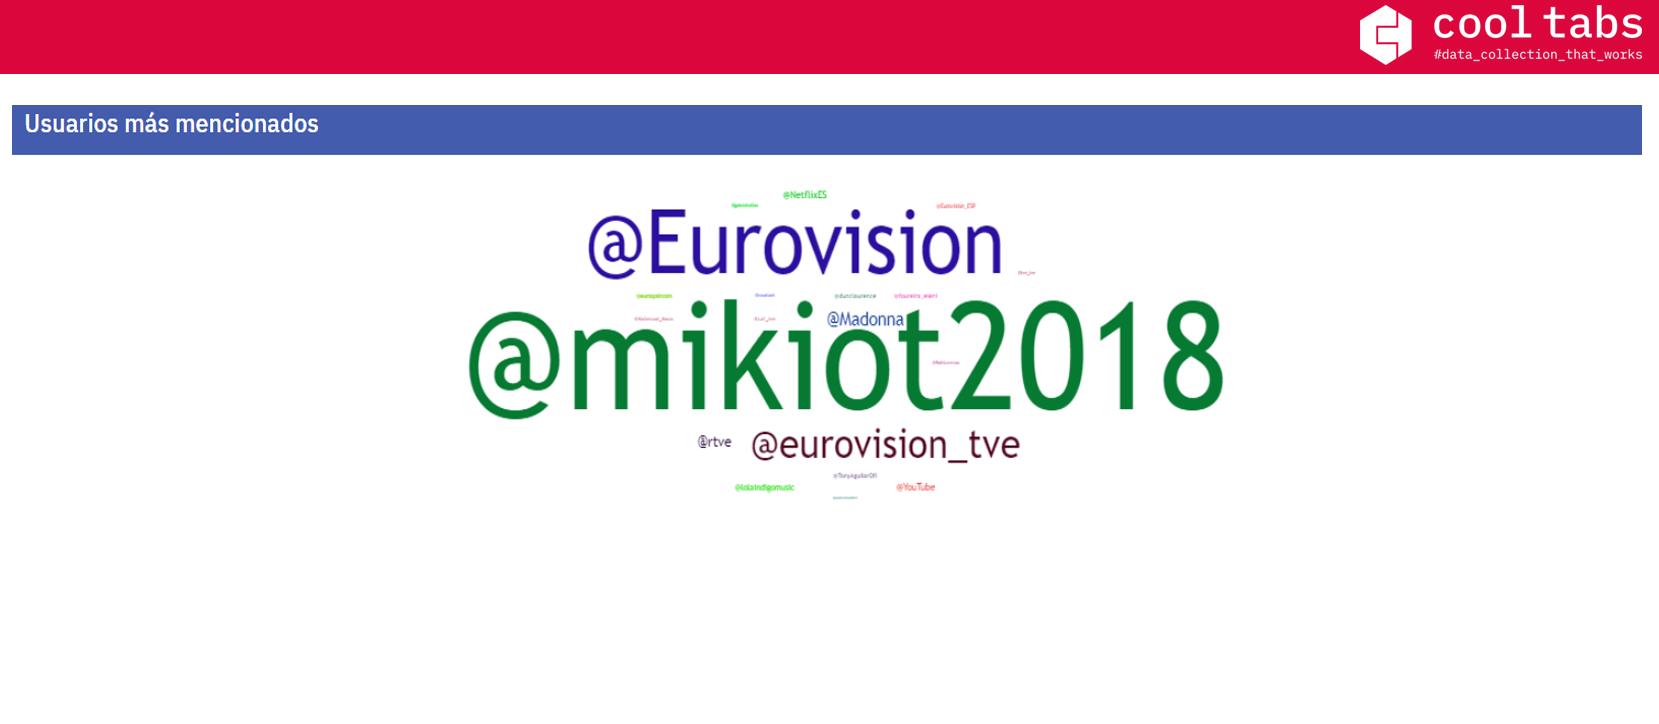 Eurovisión 2019: menciones